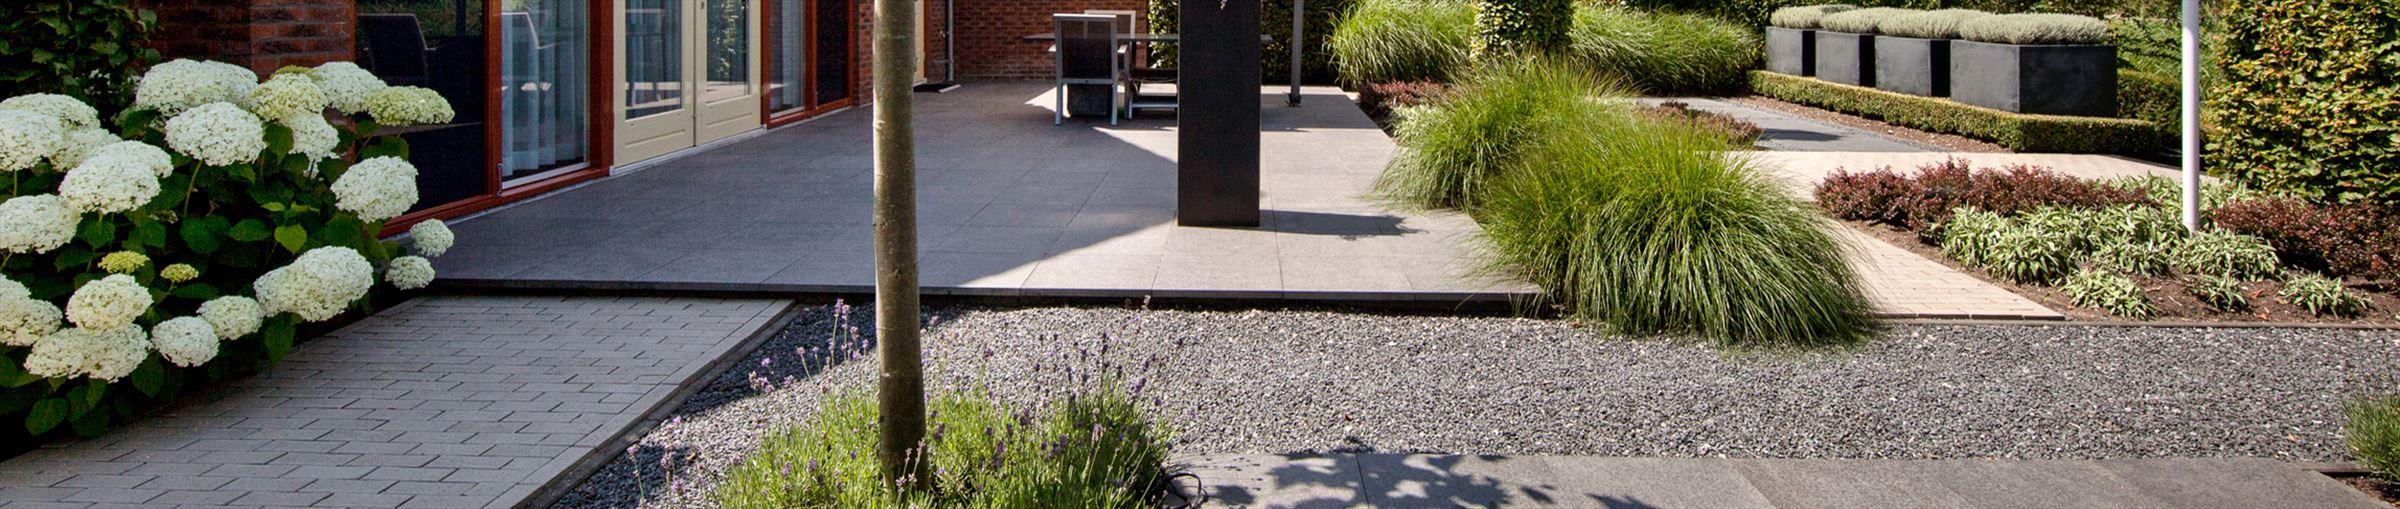 Op zoek naar bestrating voor je tuin. Bekijk onze collectie sierbestrating en terrastegels.